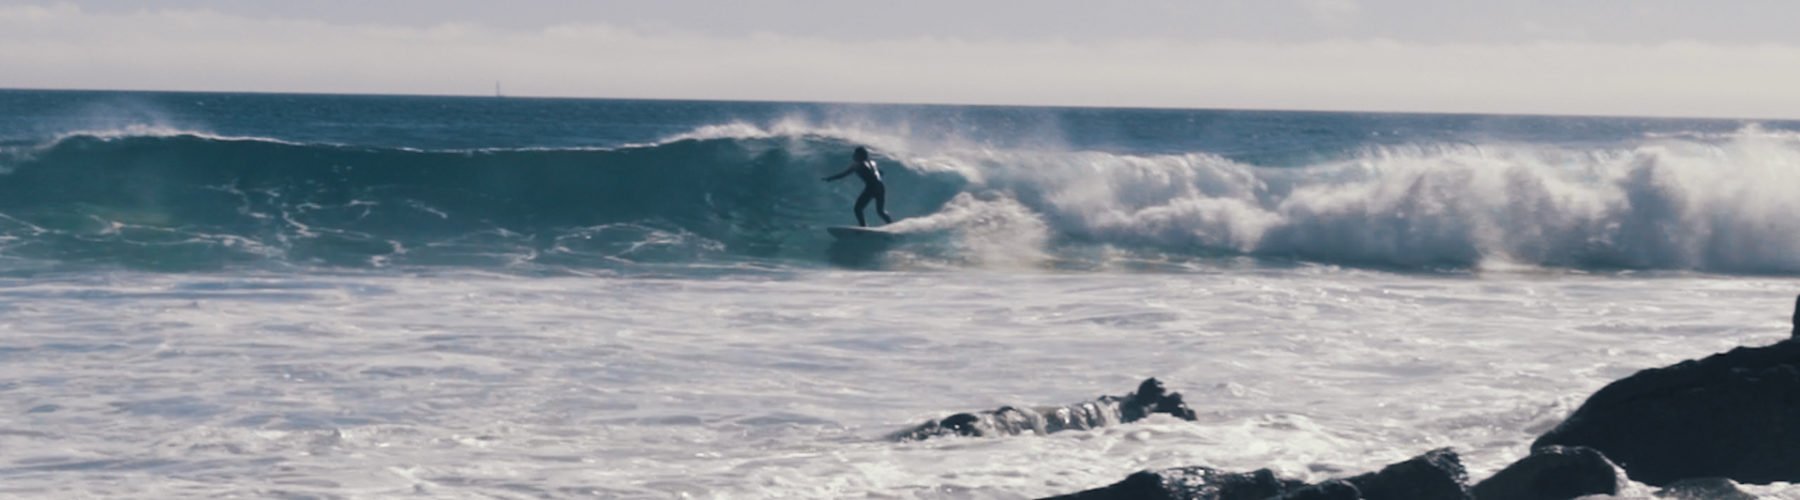 DAS LETZTE MAL SURFEN DIESES JAHR ?! VLOG #3